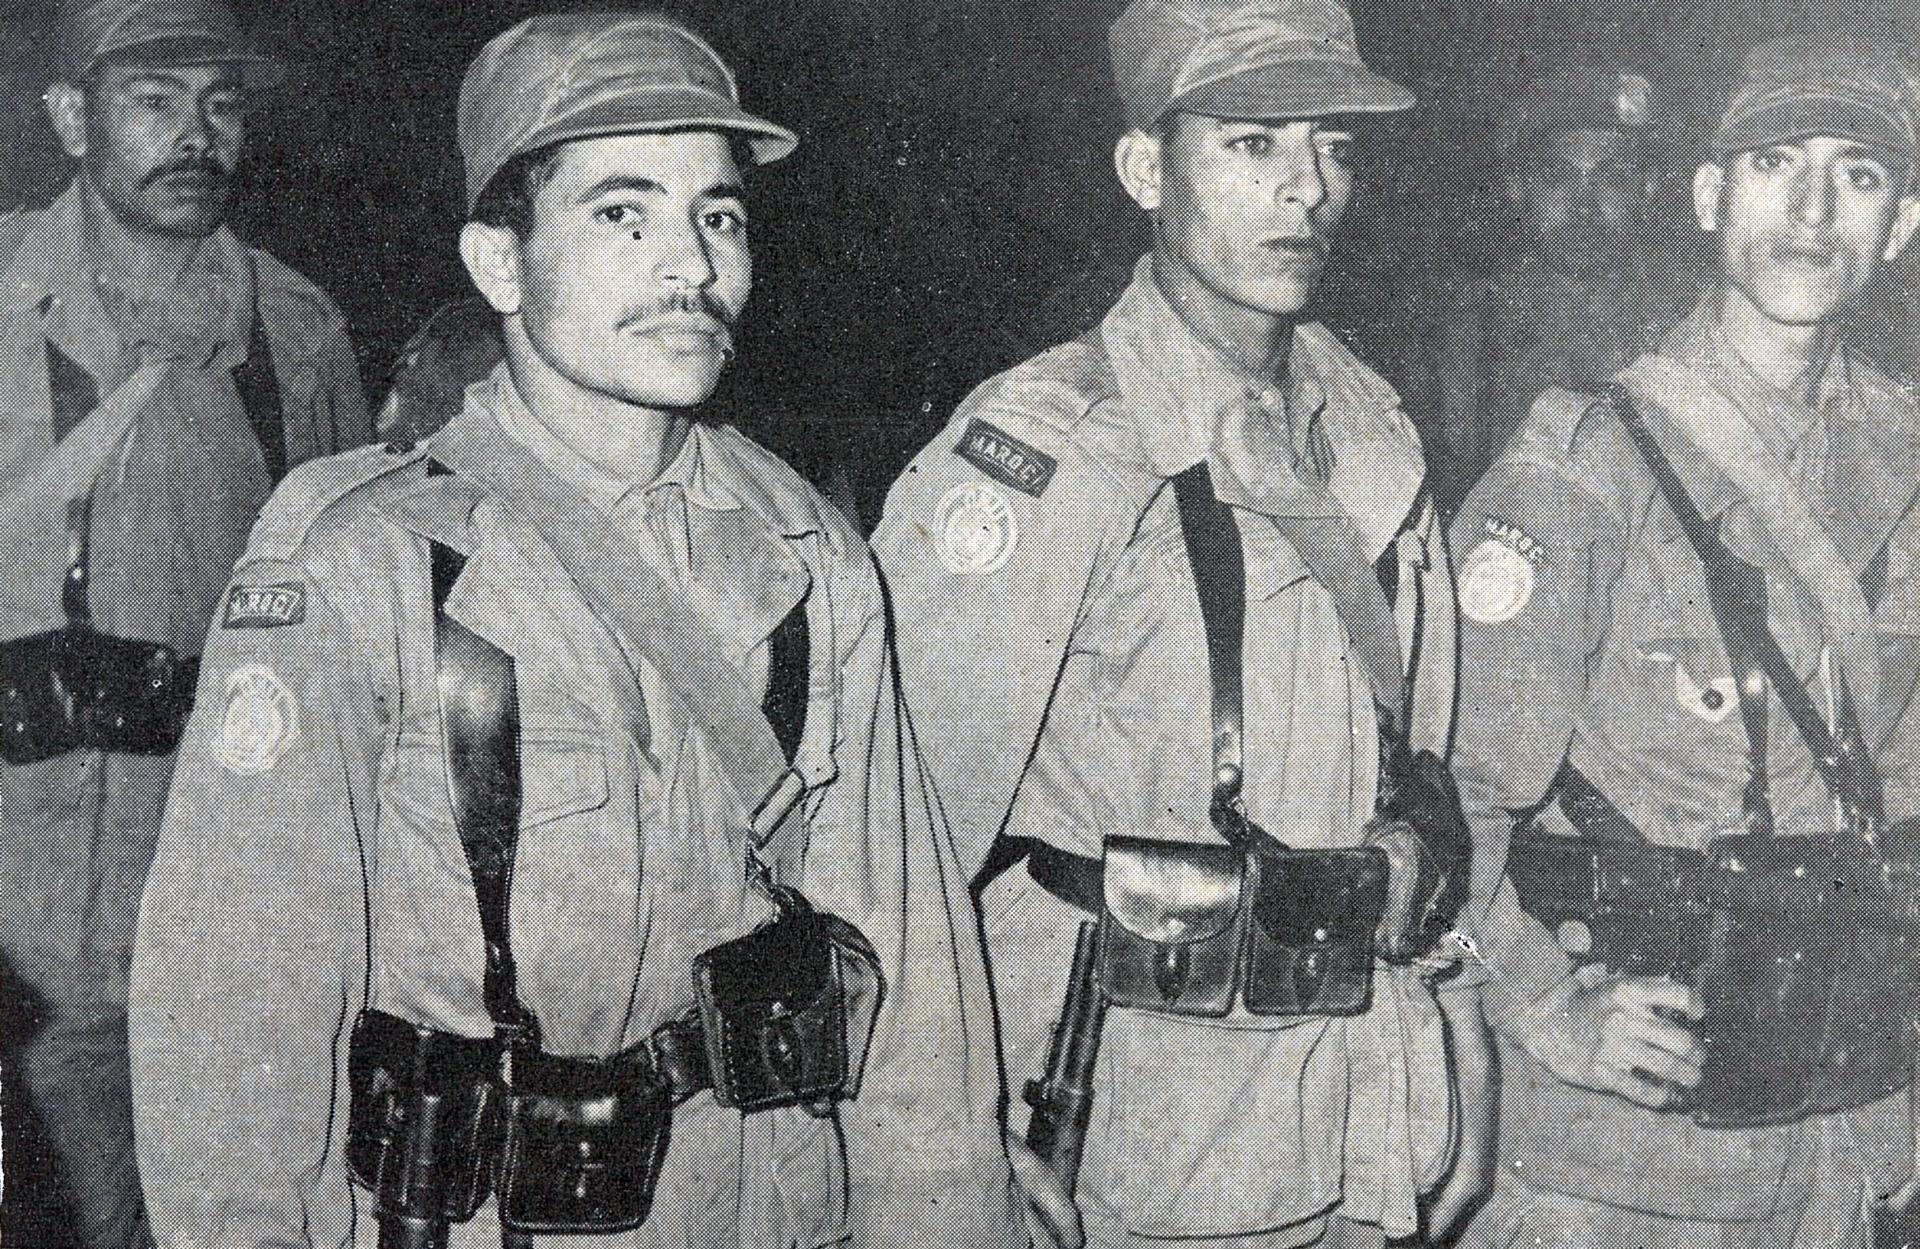 Les Forces Armées Royales au Congo - ONUC - 1960/61 32196315052_68309c1991_o